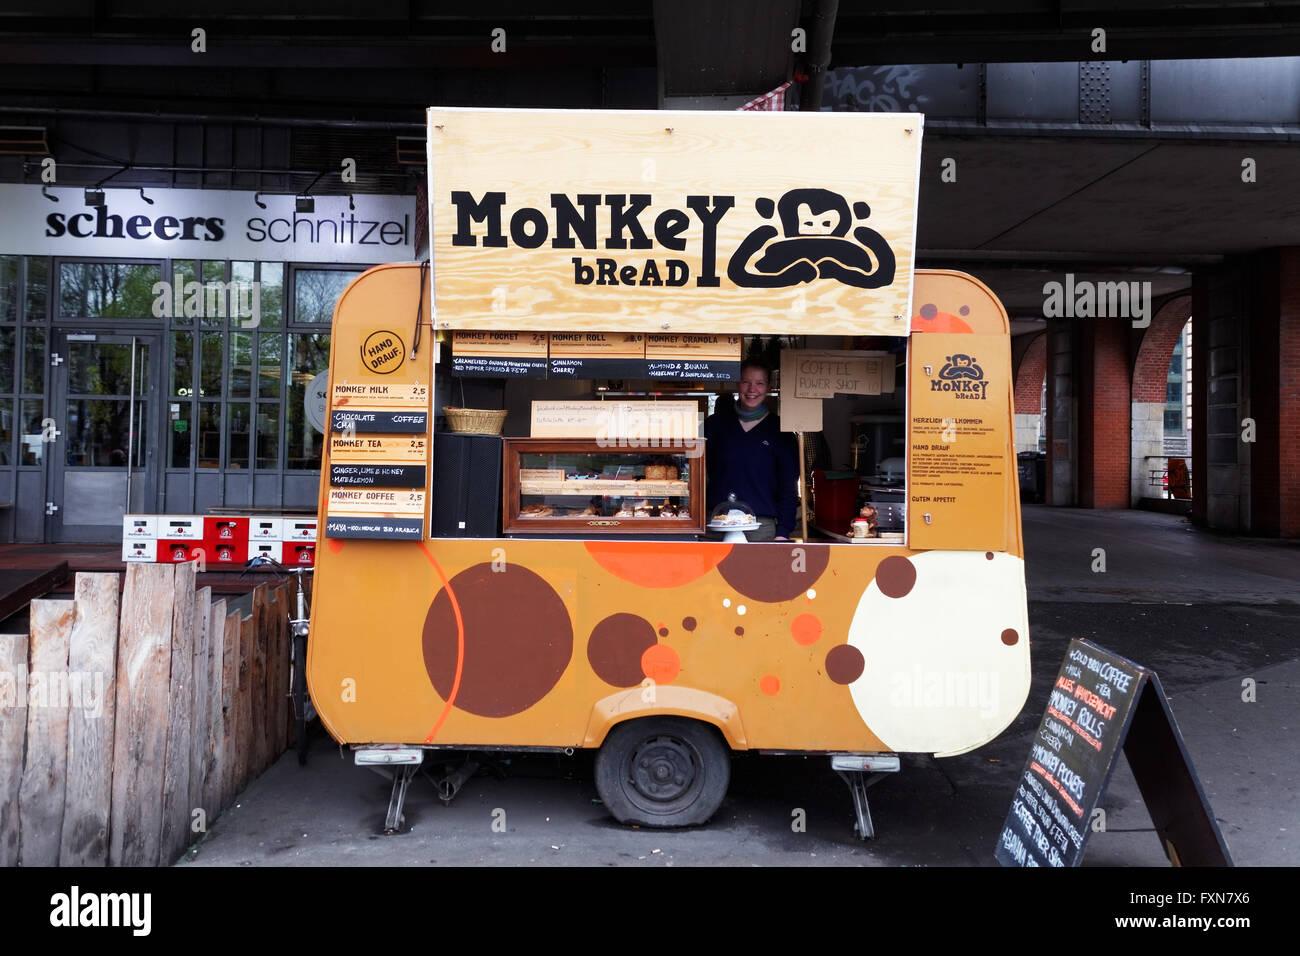 Monkey bread, Berlin, Germany - Stock Image